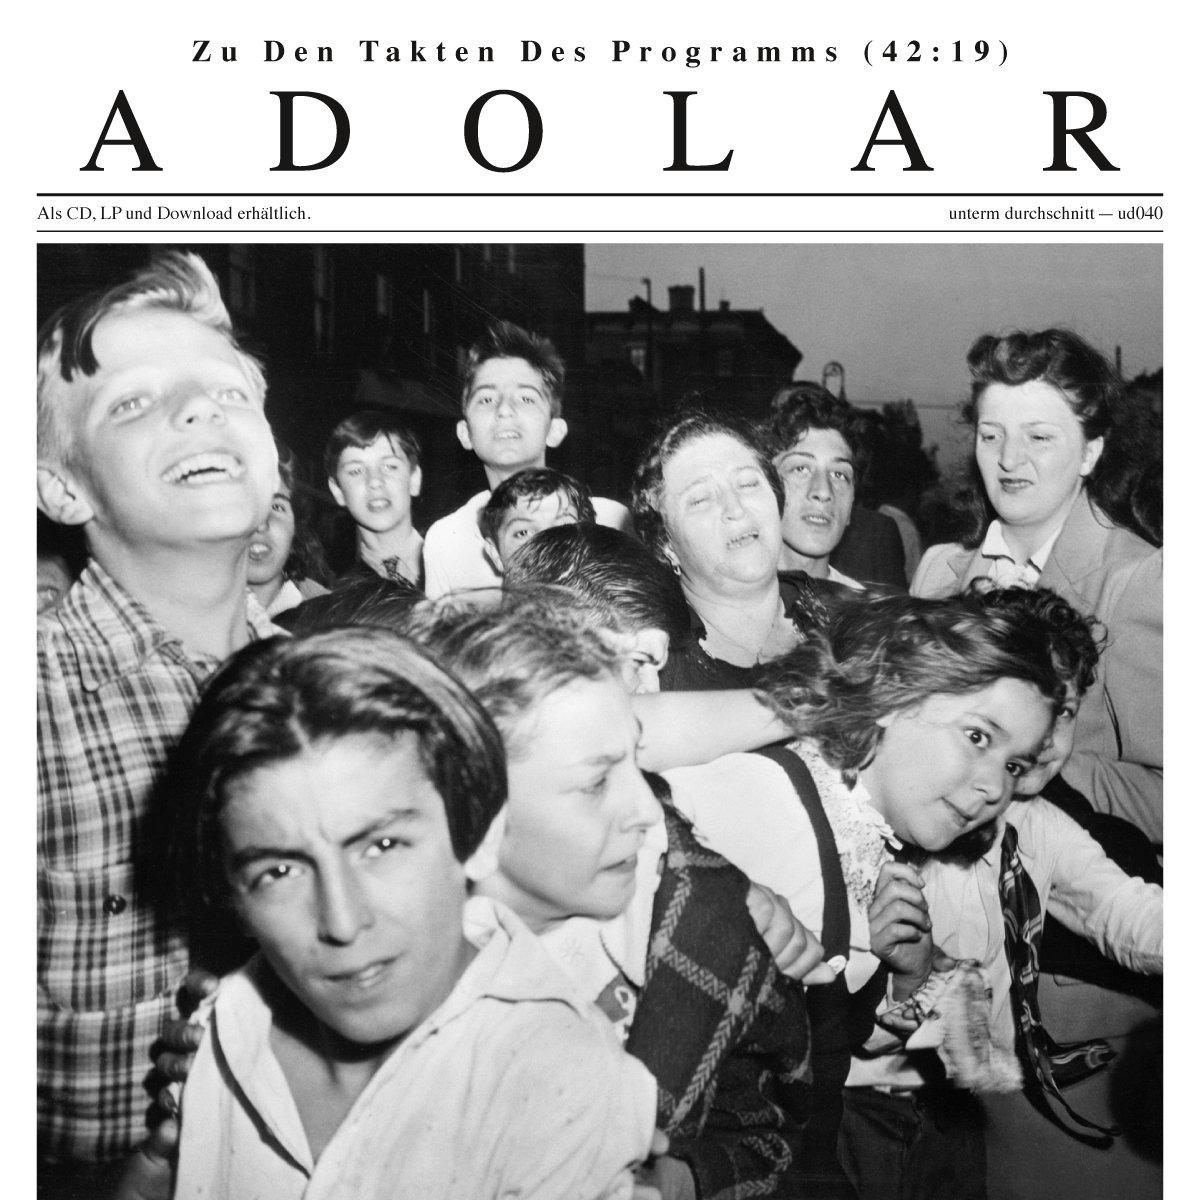 Adolar | Zu den Takten des Programms